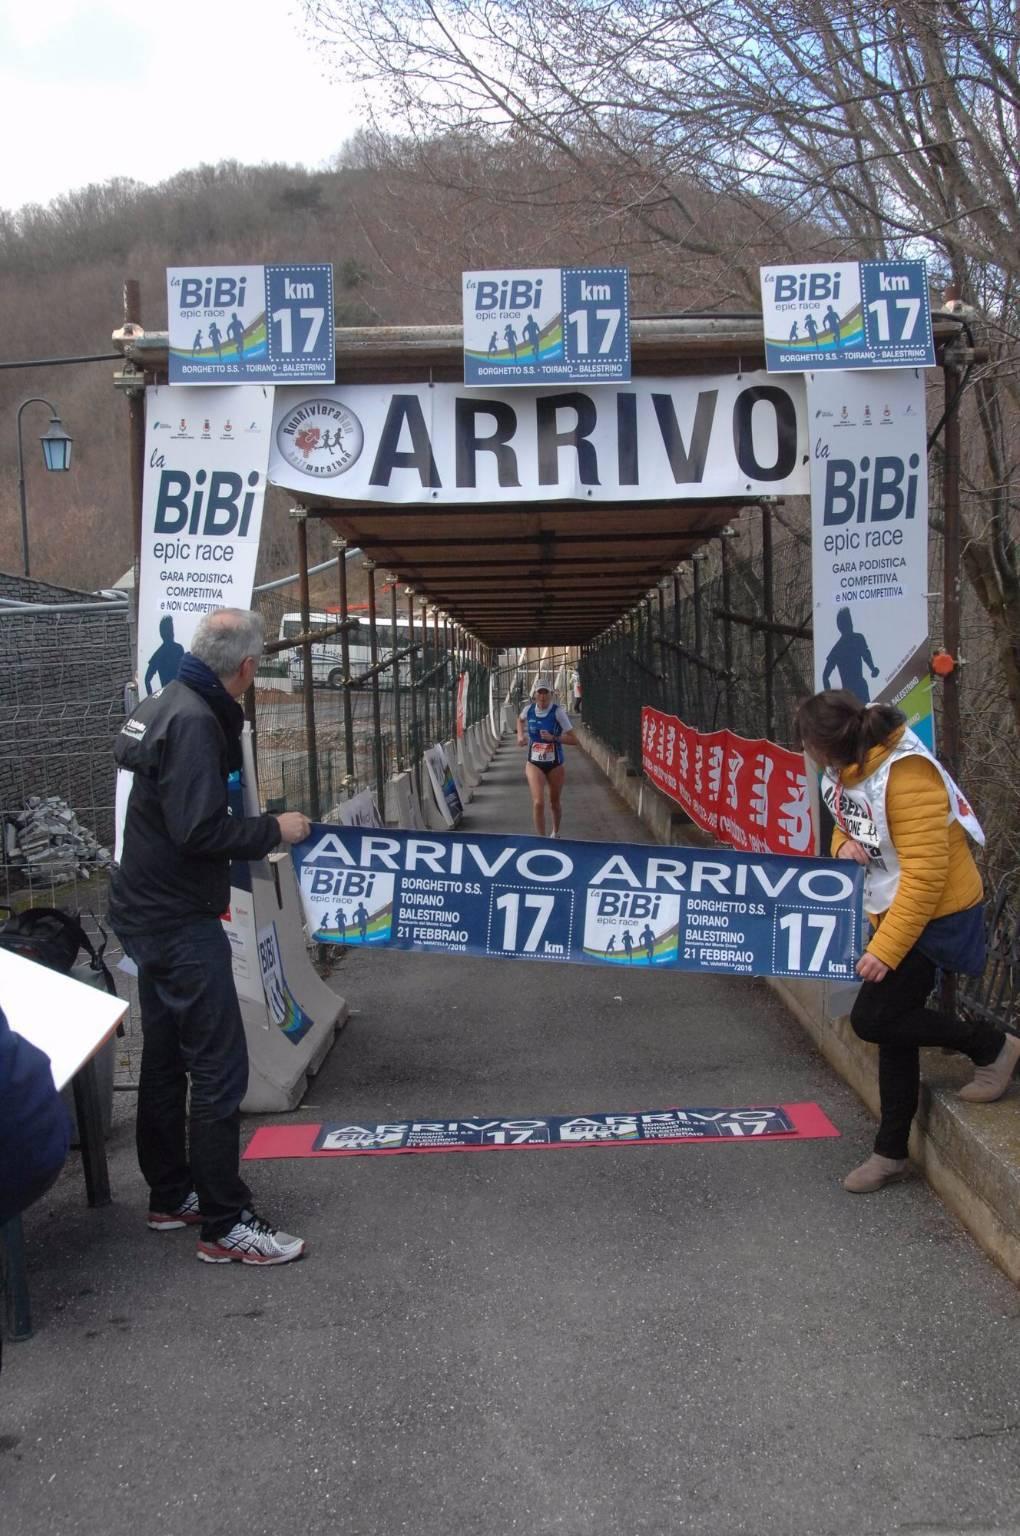 BiBi Epic Race